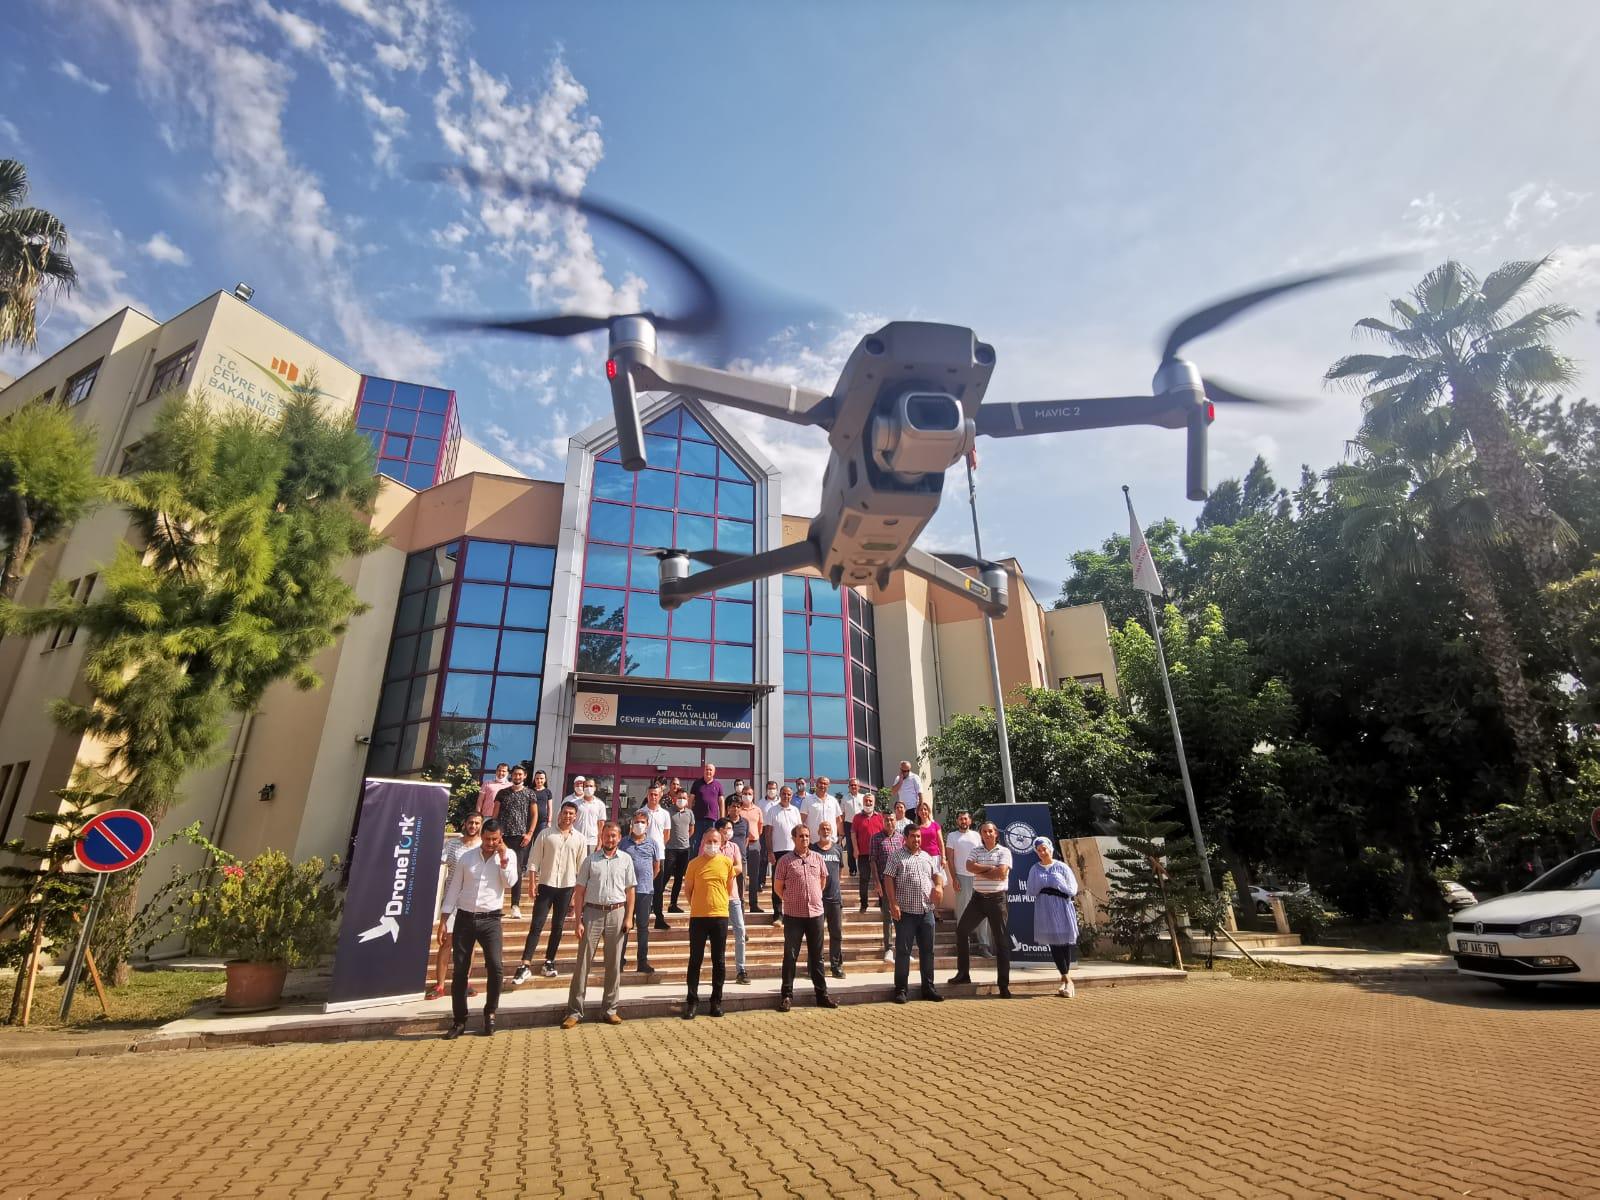 Antalya Çevre ve Şehircilik İl Müdürlüğünde İnsansız Hava Araçları (İHA0-Drone) Eğitimi Yapıldı.